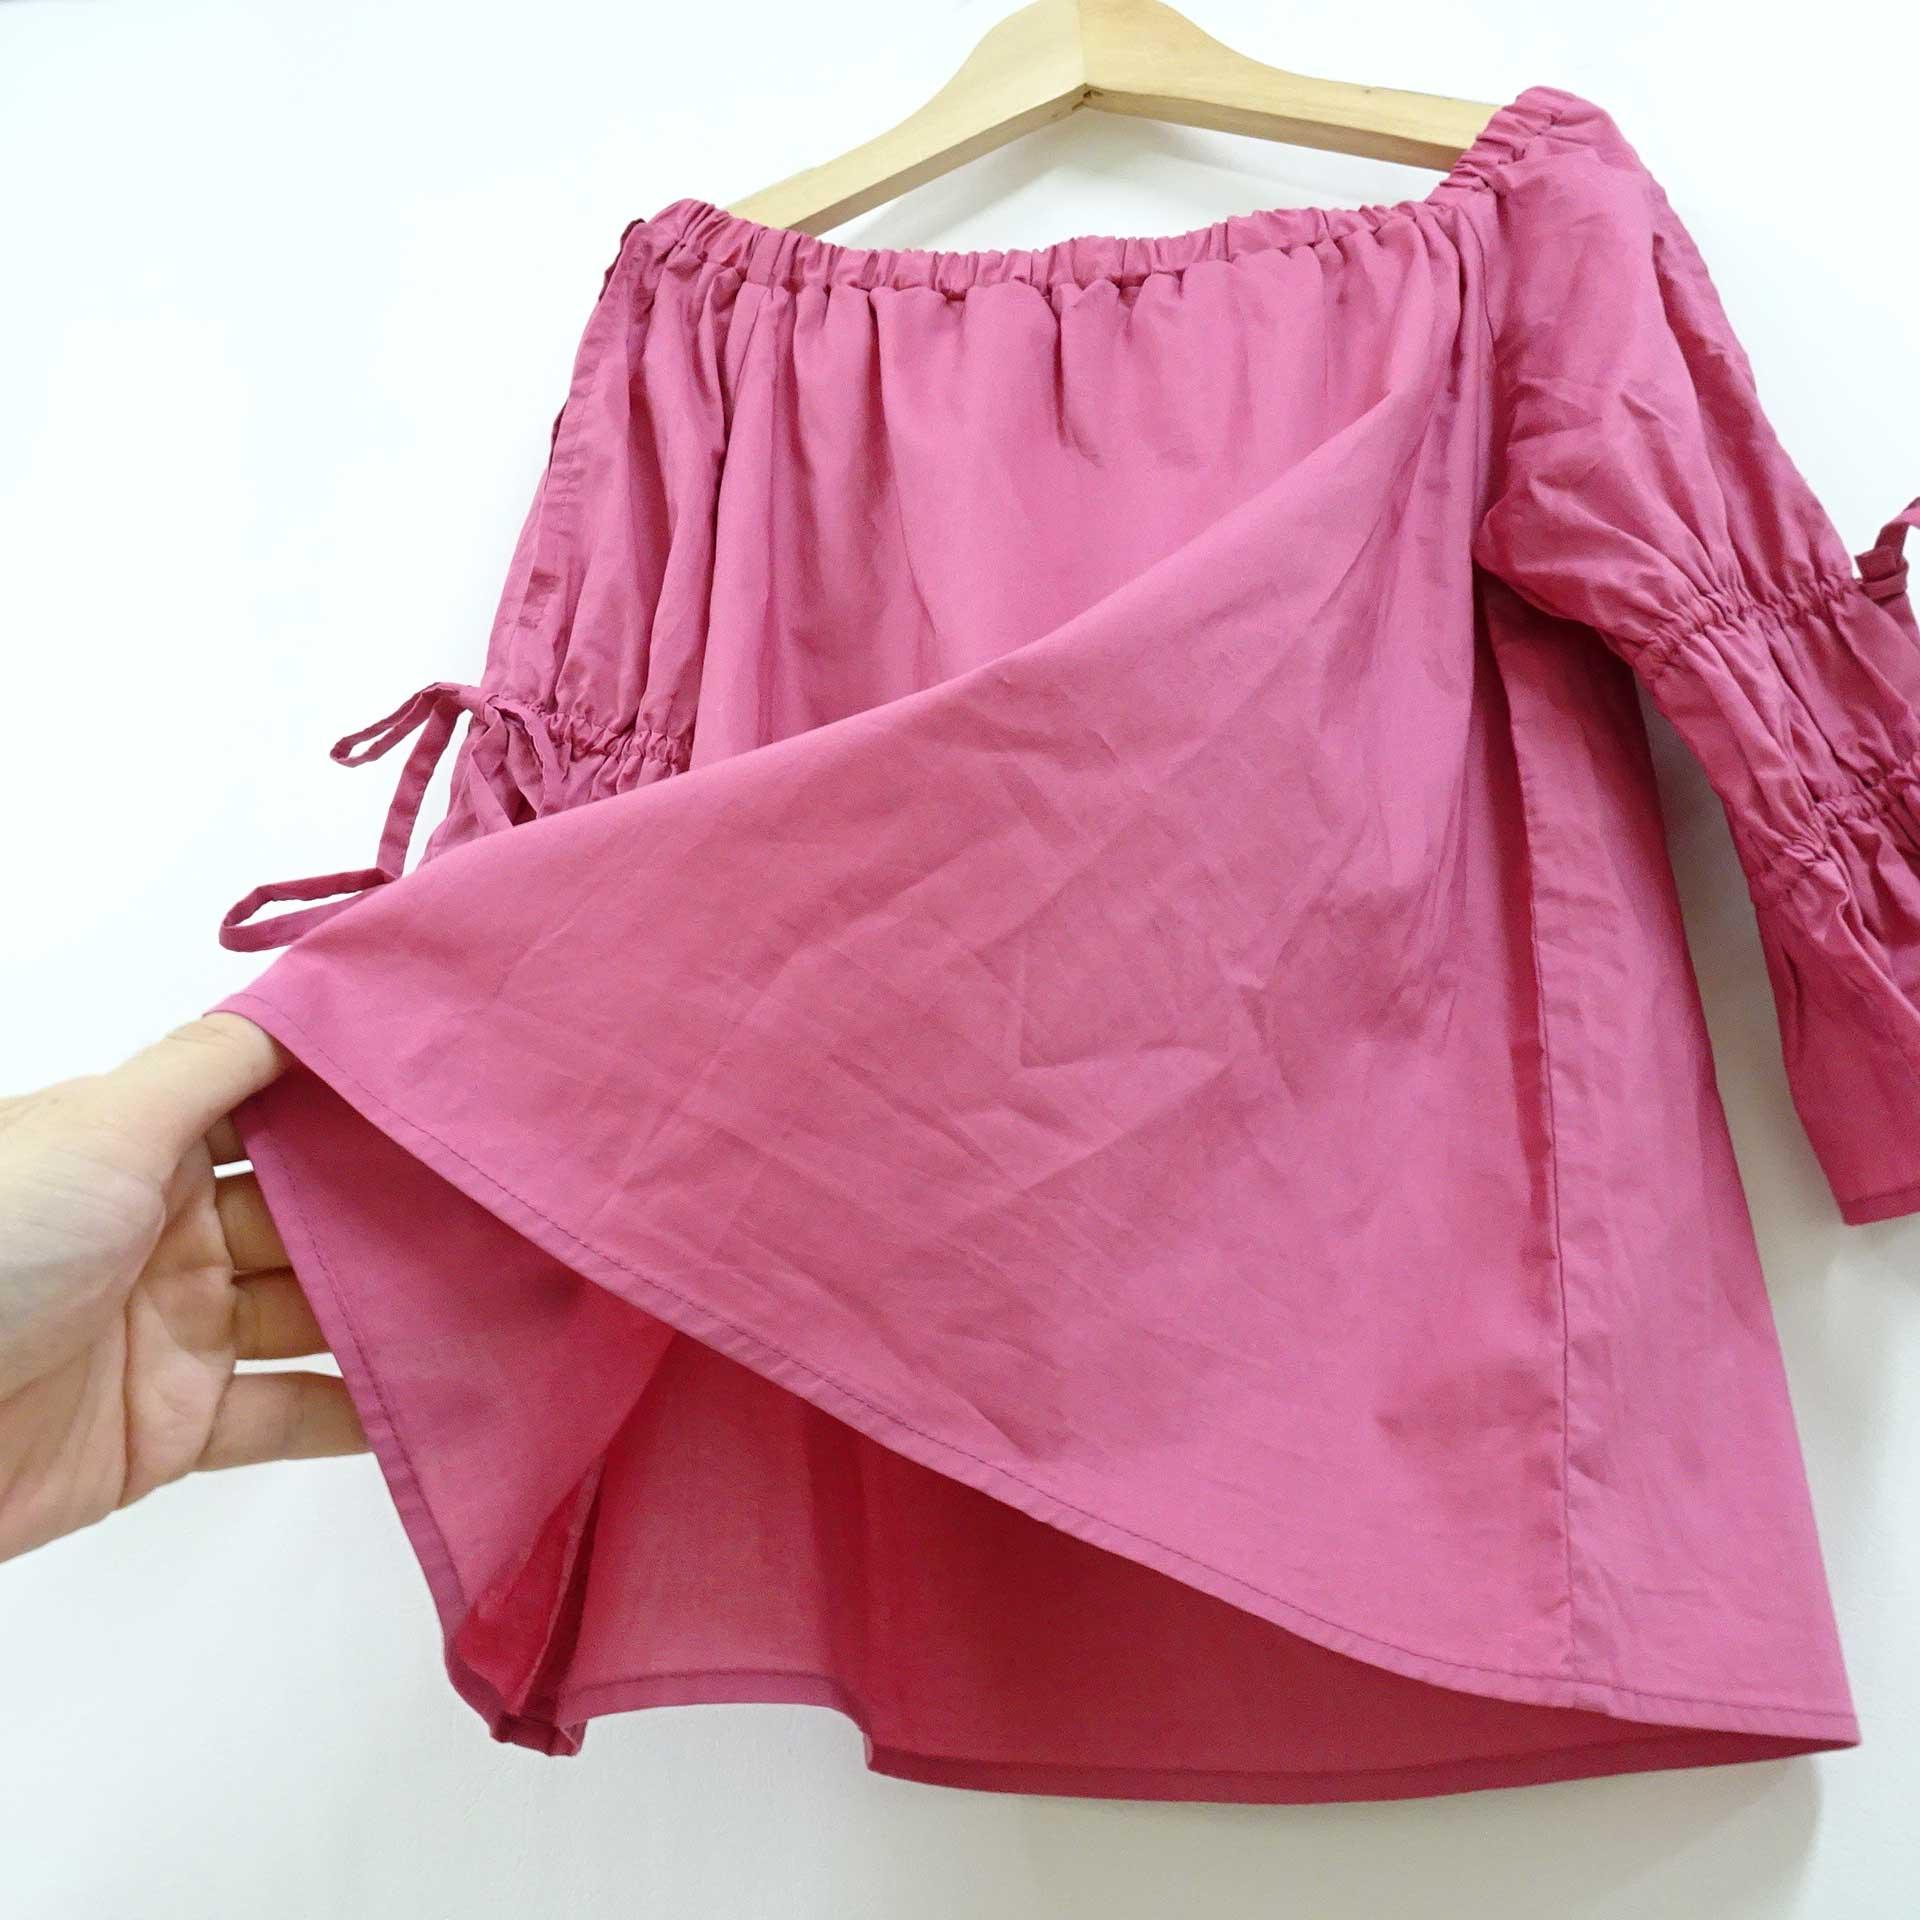 胸と袖にゴムギャザーを入れた可愛い綿ブラウスのチェリーピンク